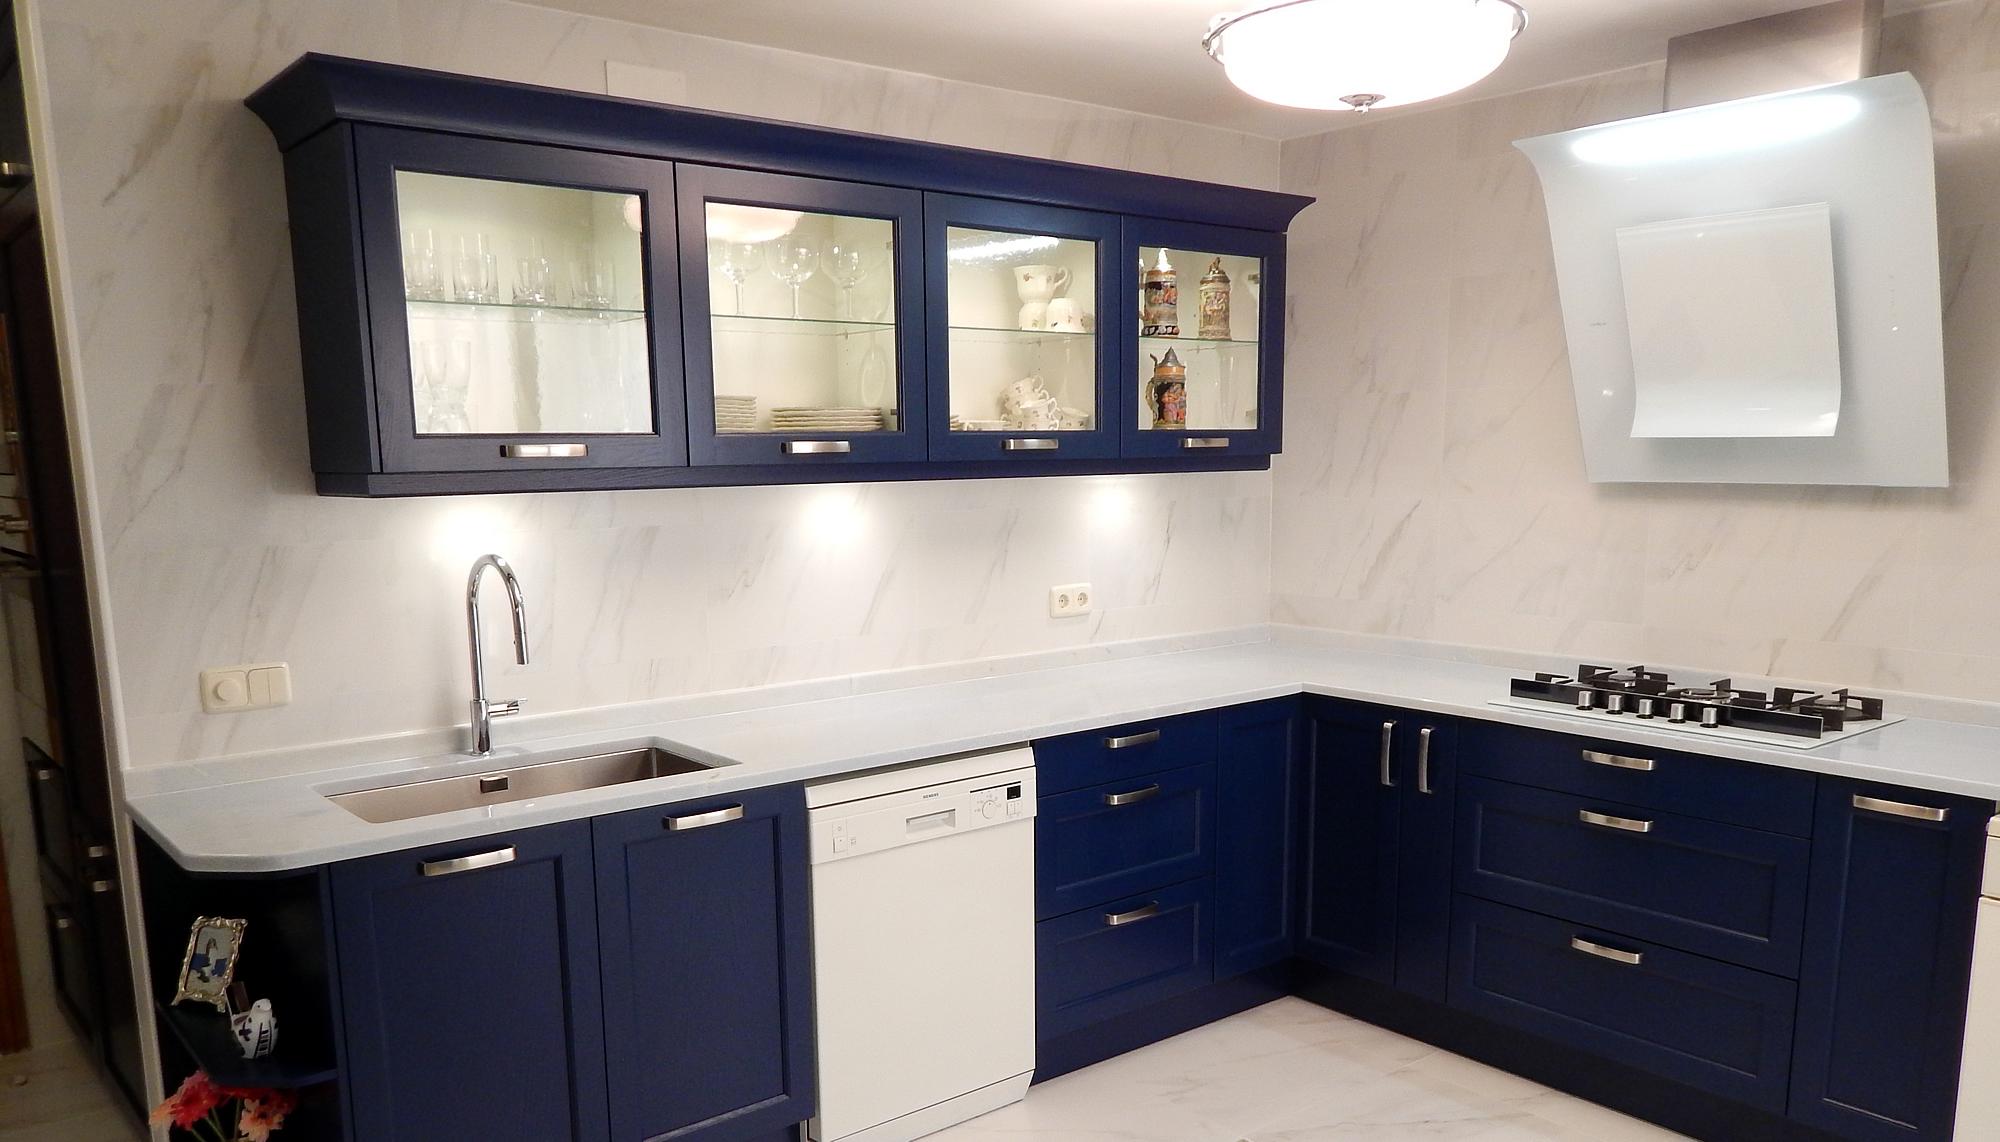 Muebles de cocina modelo Bristol - cocinasalemanas.com